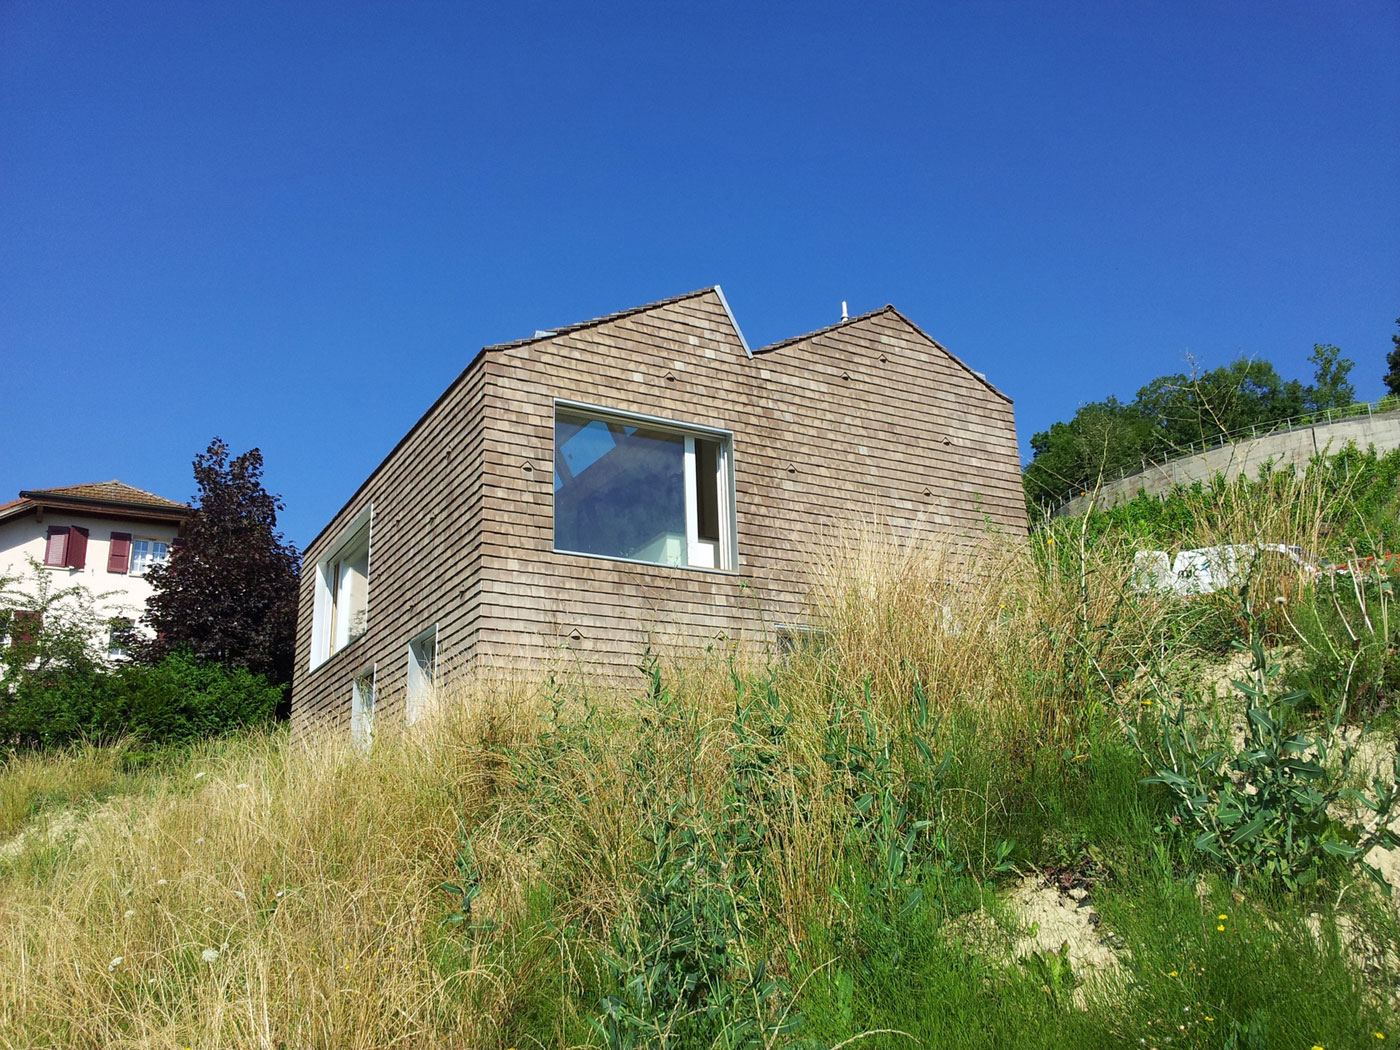 Дом в шотландском стиле: опрятный комфорт и гармония с природой